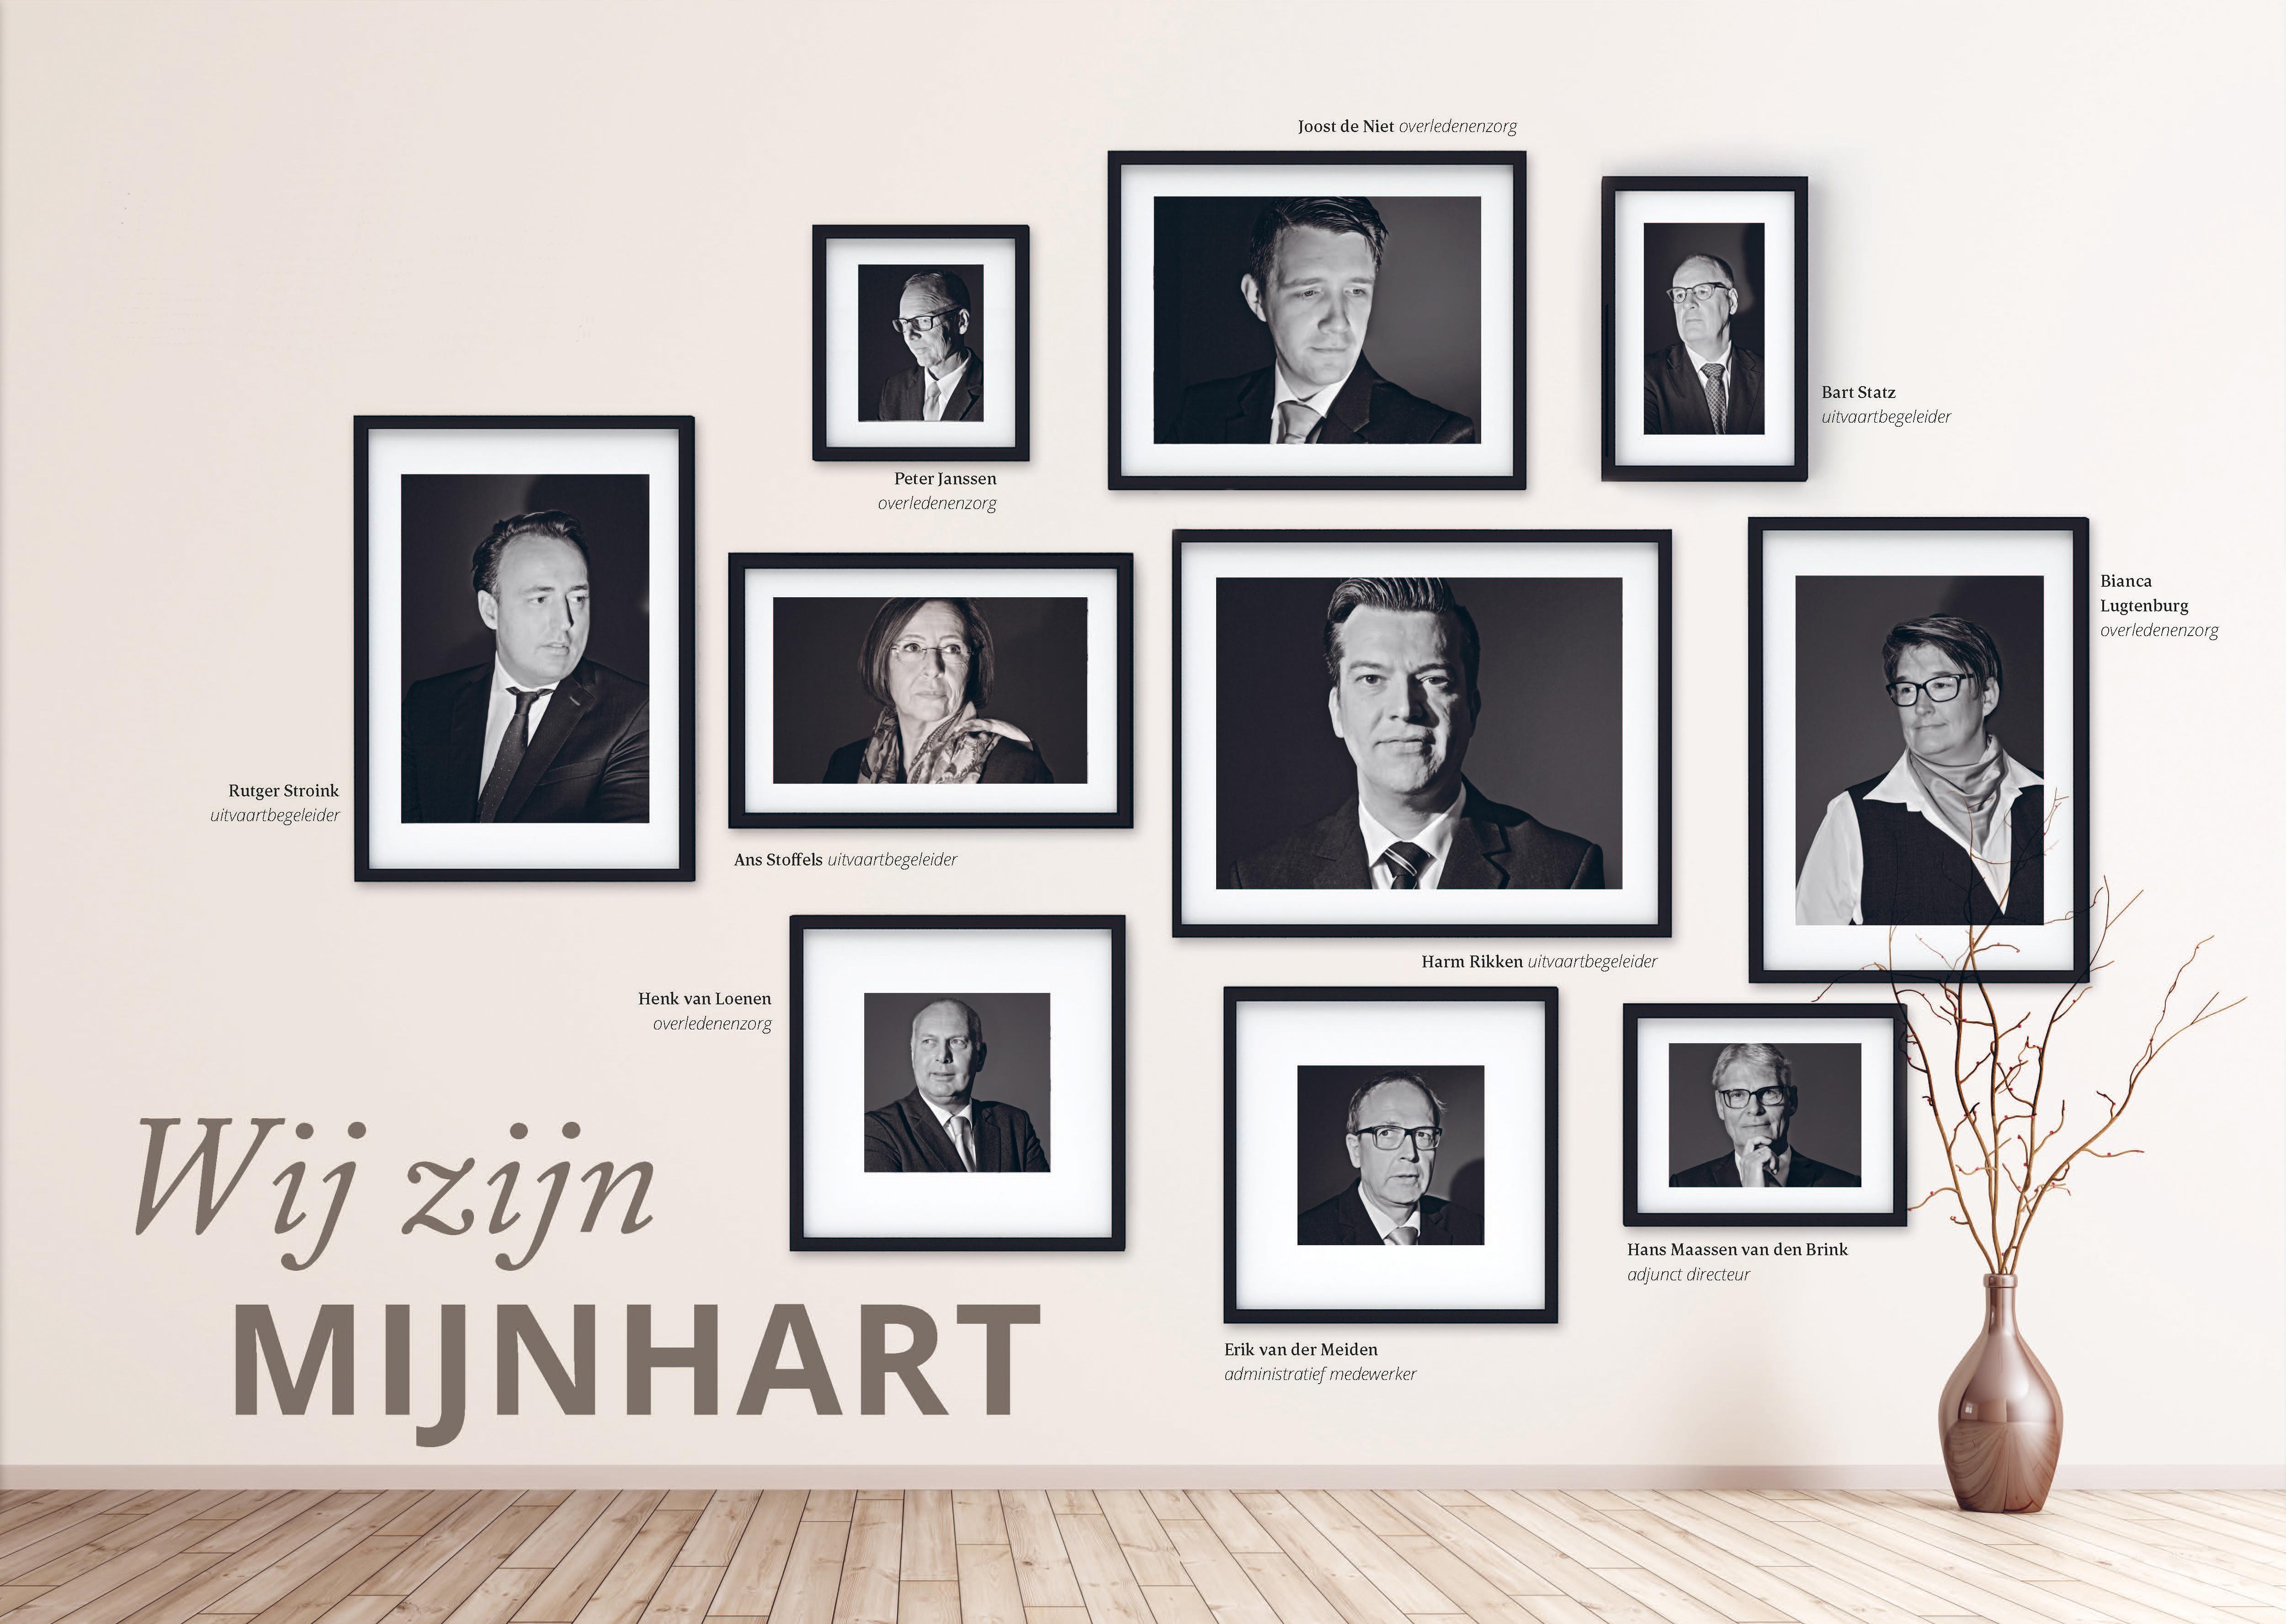 Team Mijnhart